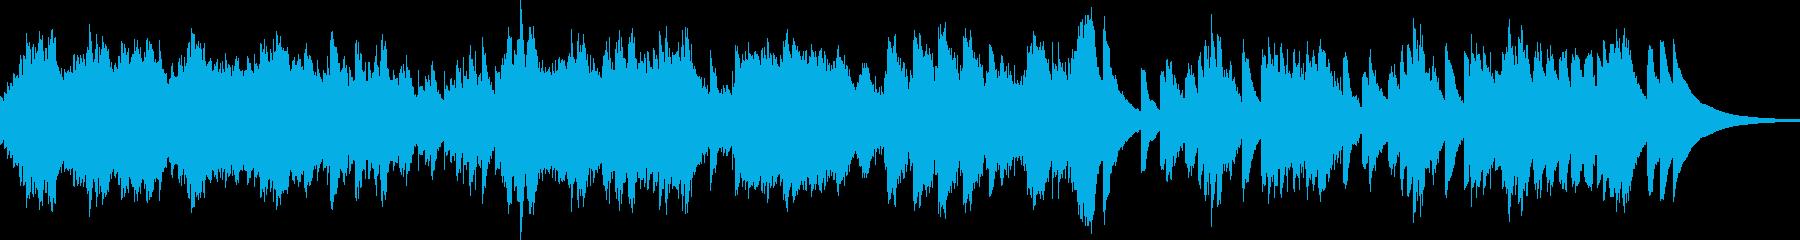 交響曲第40番よりモーツアルトの再生済みの波形